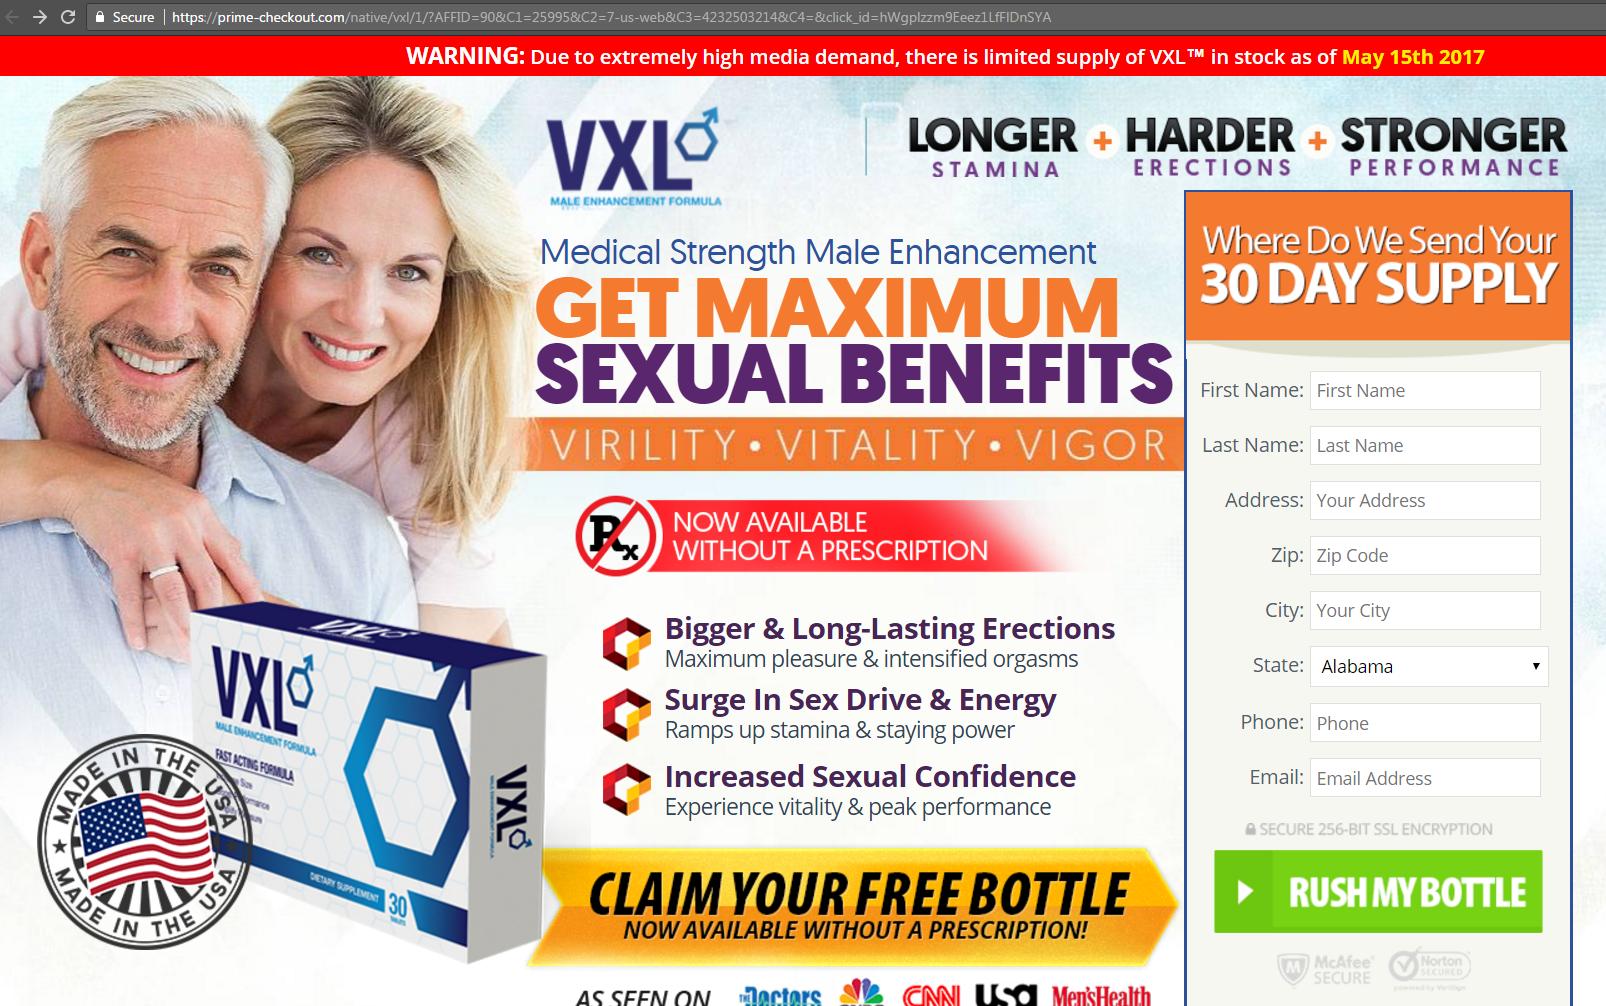 vxl website